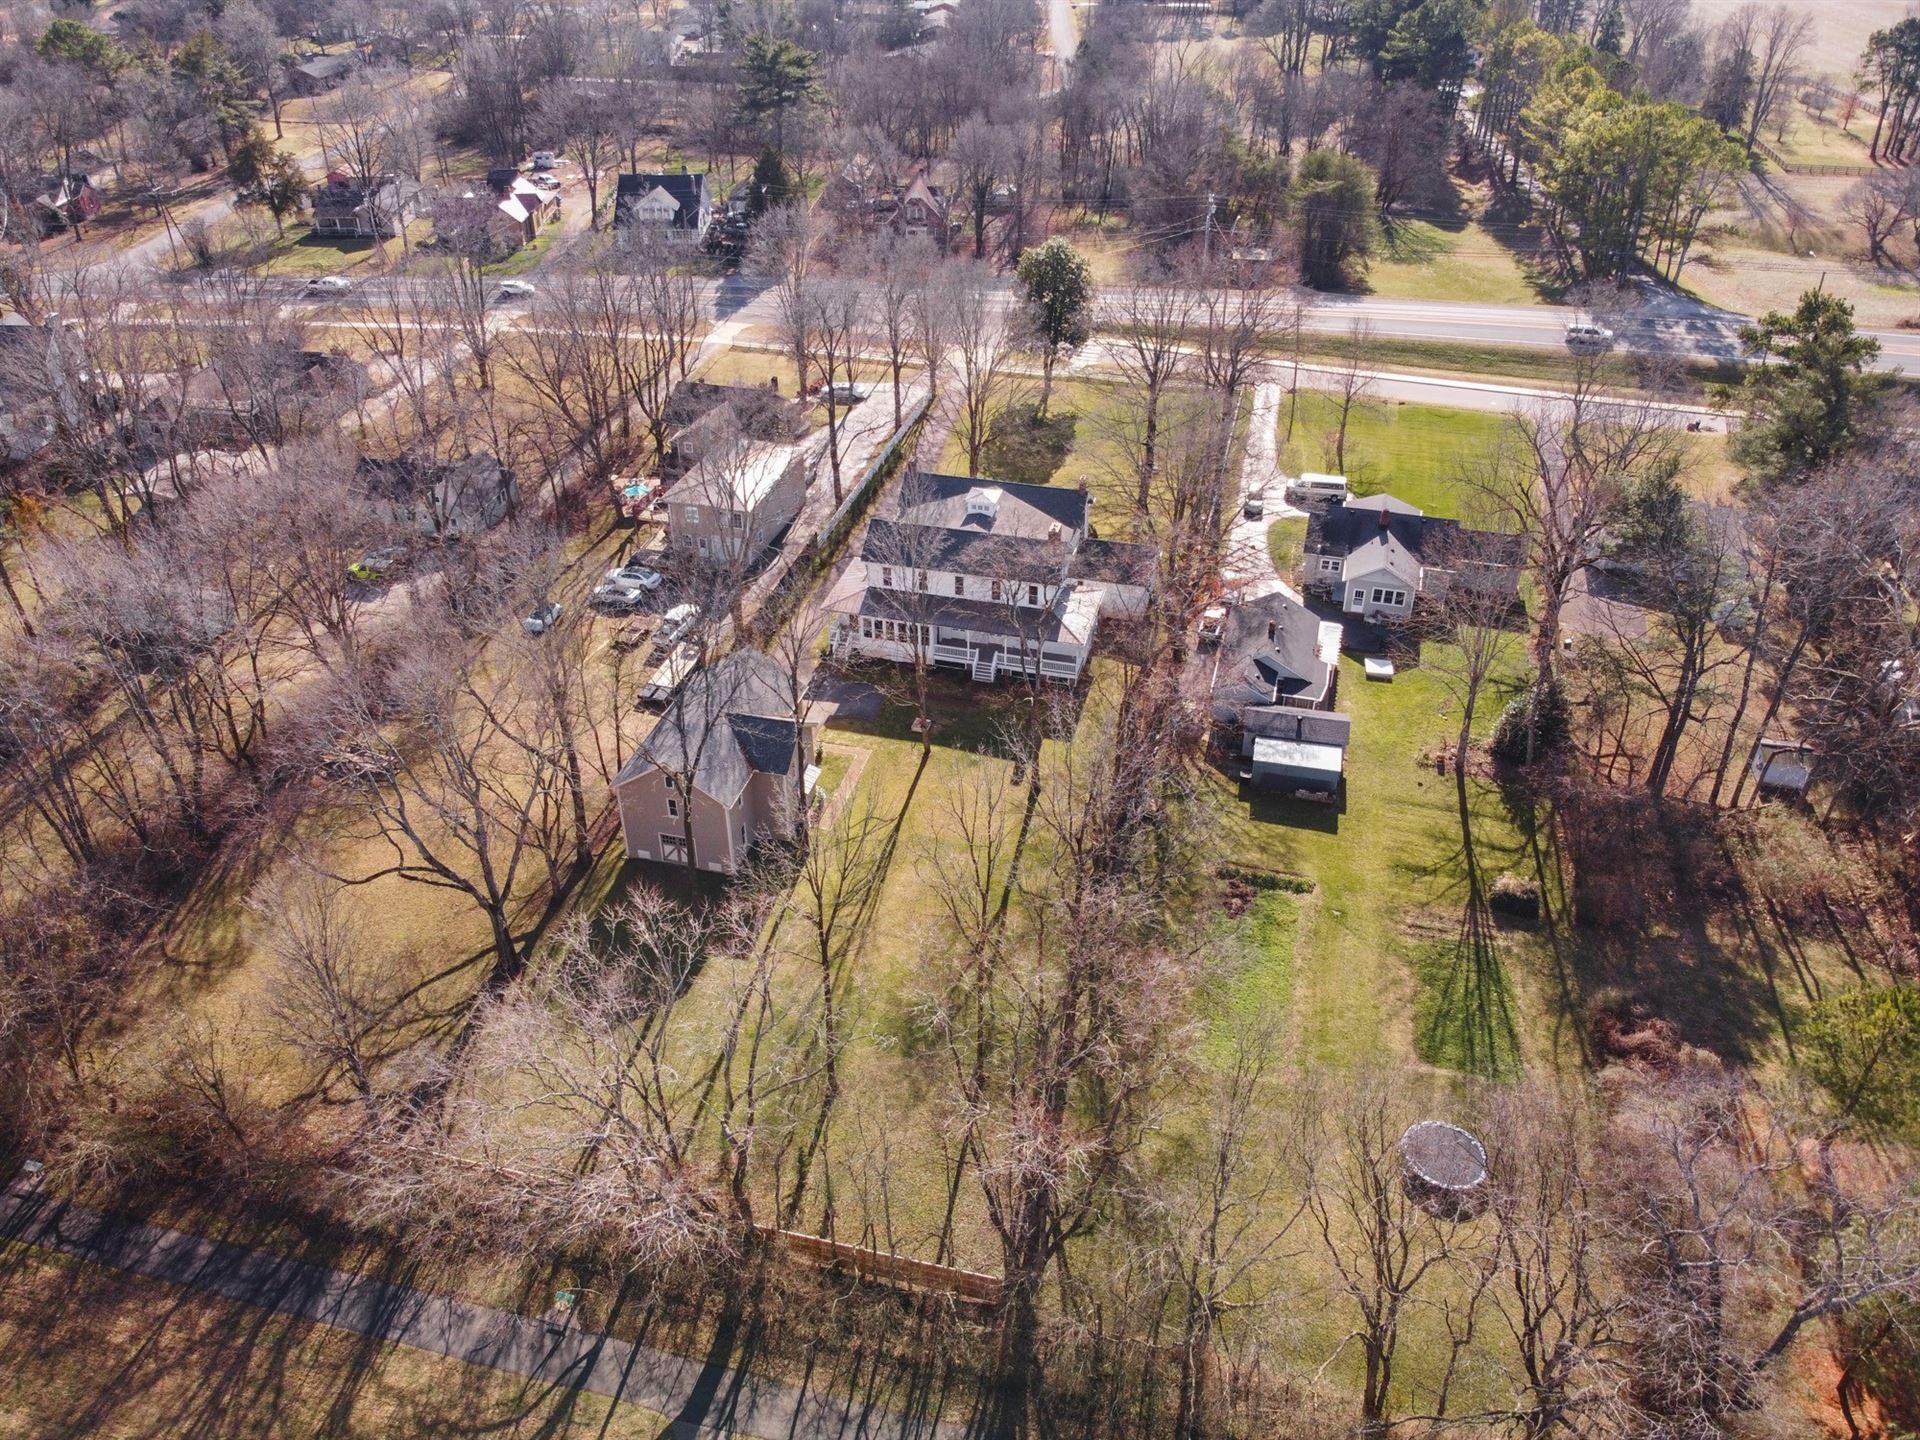 Photo of 419 Murfreesboro Rd, Franklin, TN 37064 (MLS # 2221954)